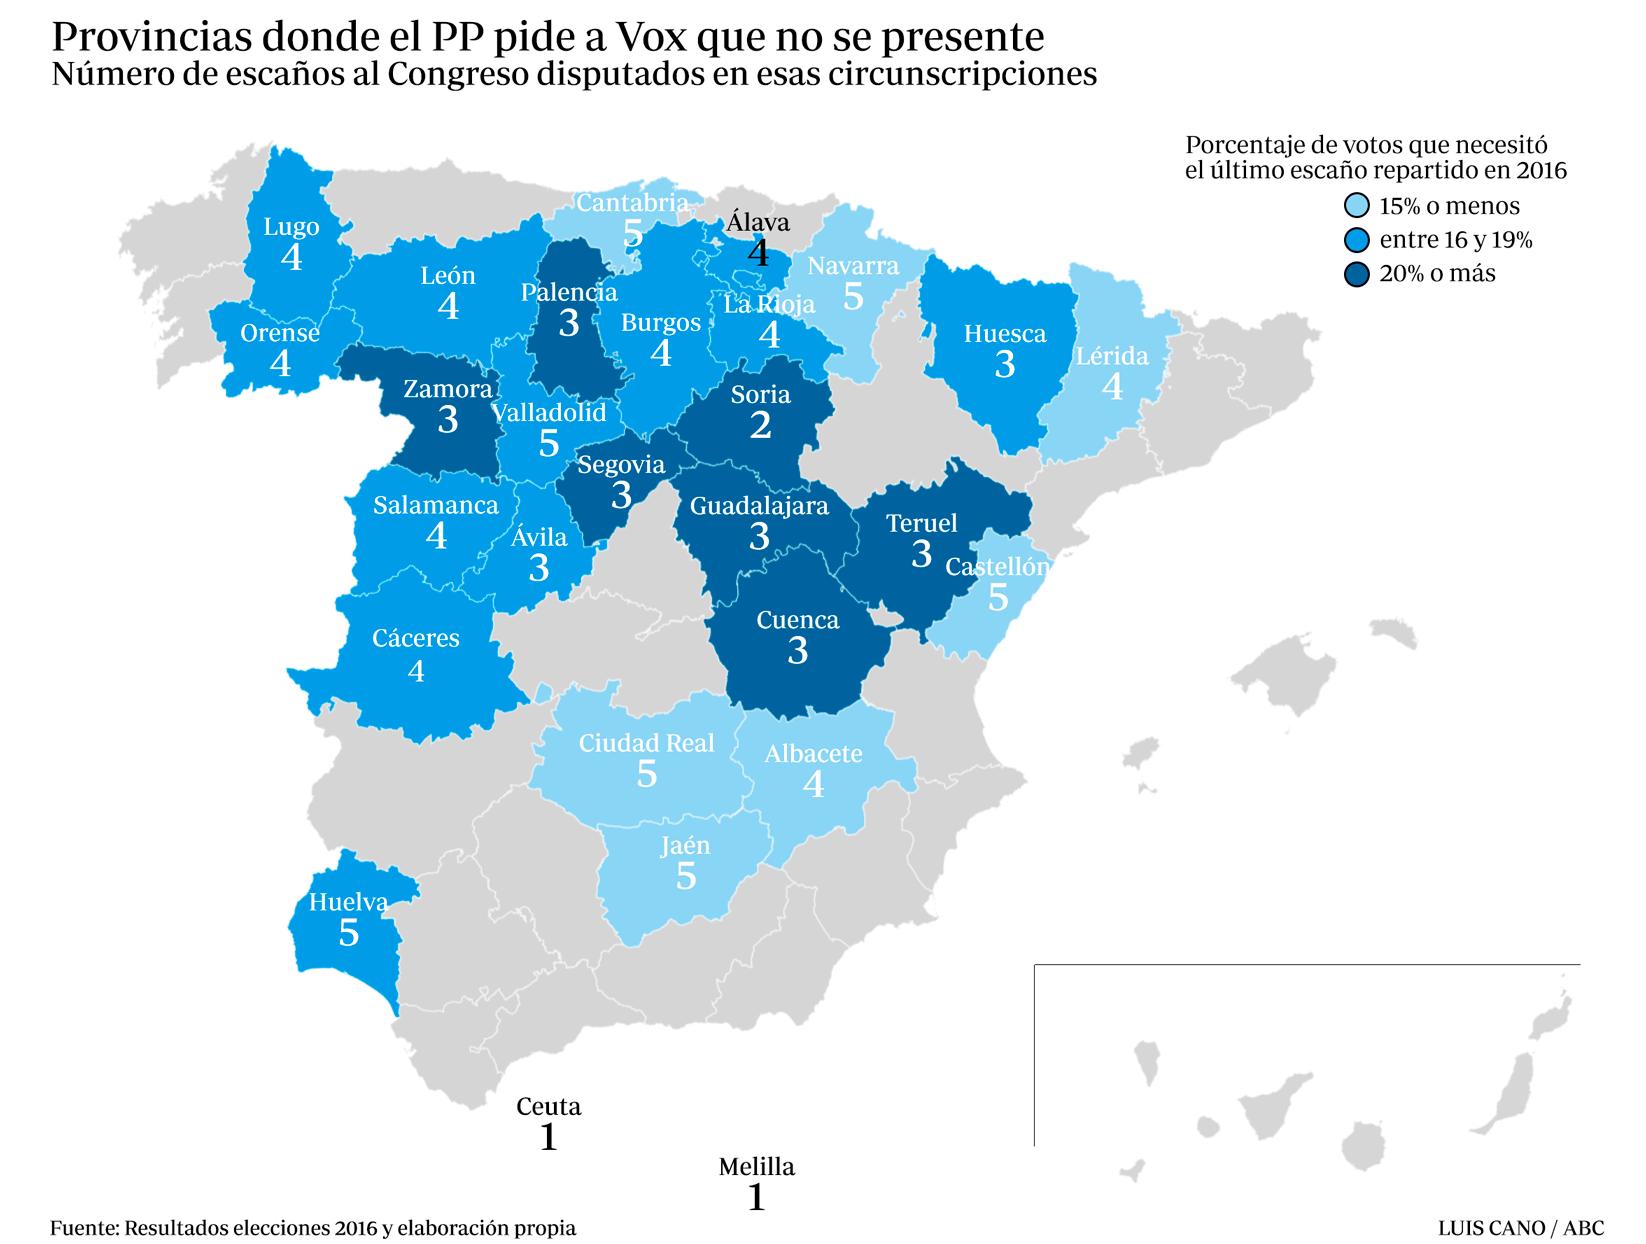 Estas son las provincias donde votar a Vox hace más daño al PP